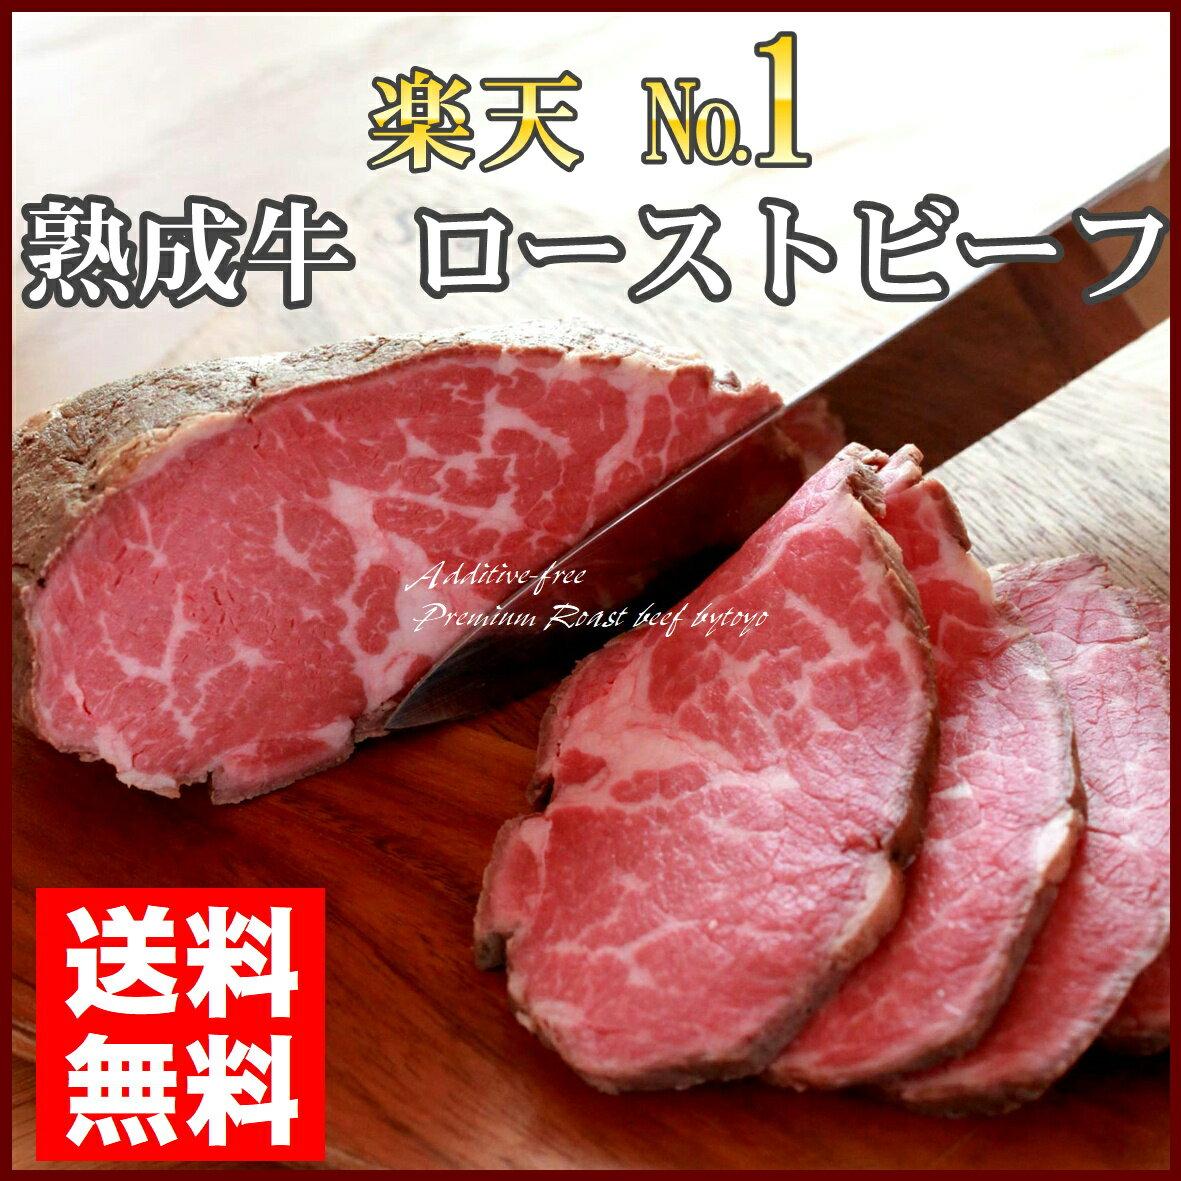 熟成牛 プレミアム ローストビーフ 約630g 高級 ギフト 無添加食品 熟成肉 おつまみ お取り寄せ あす楽